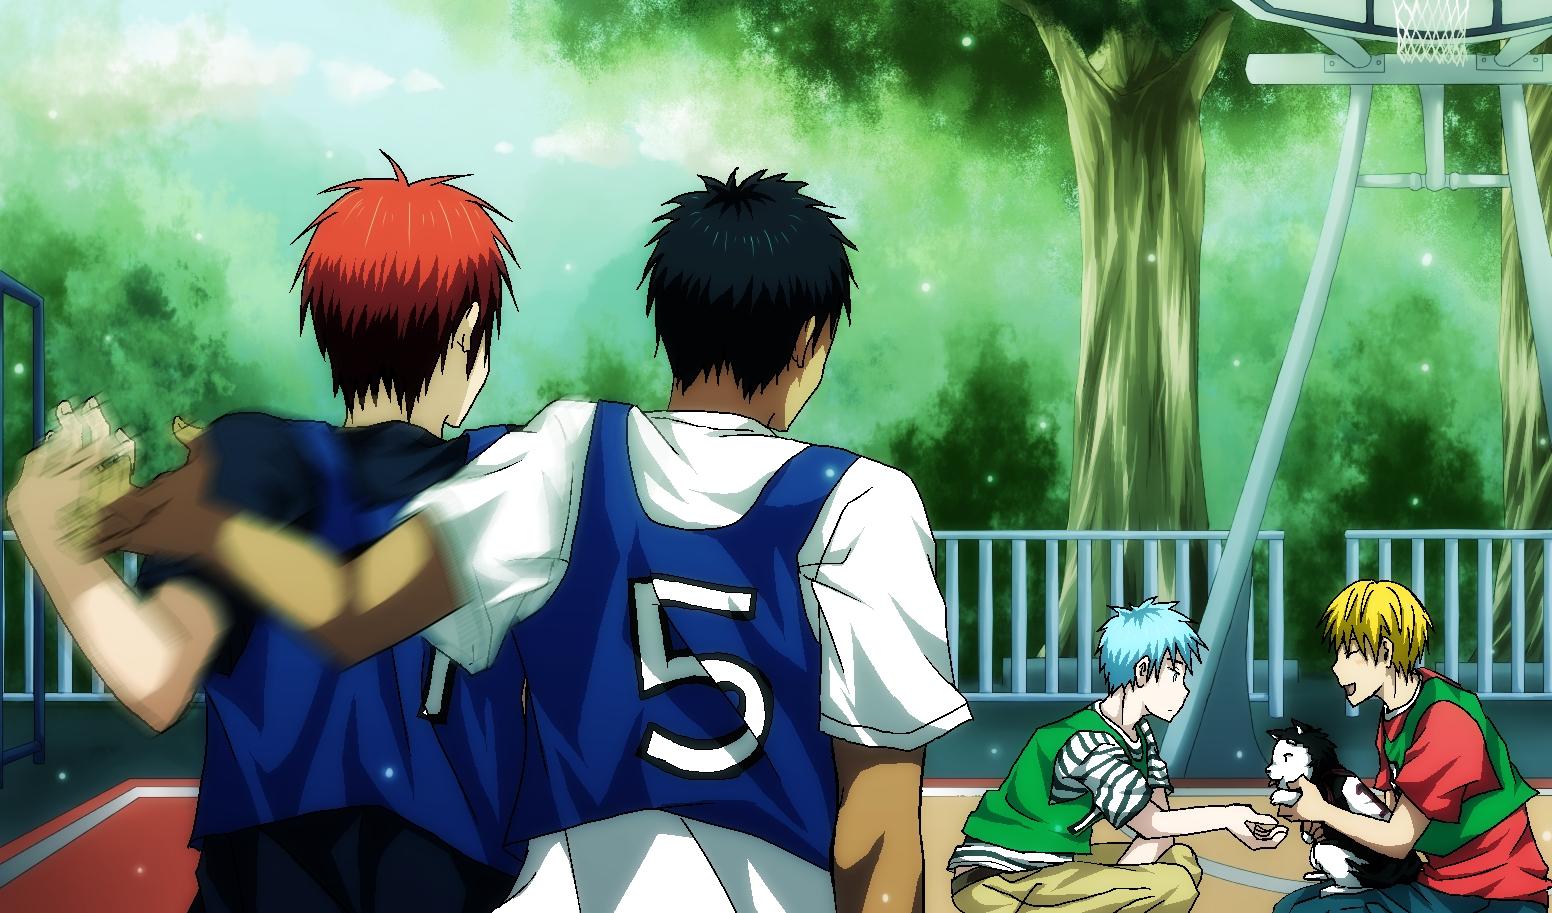 Kagami X Kuroko No Basket